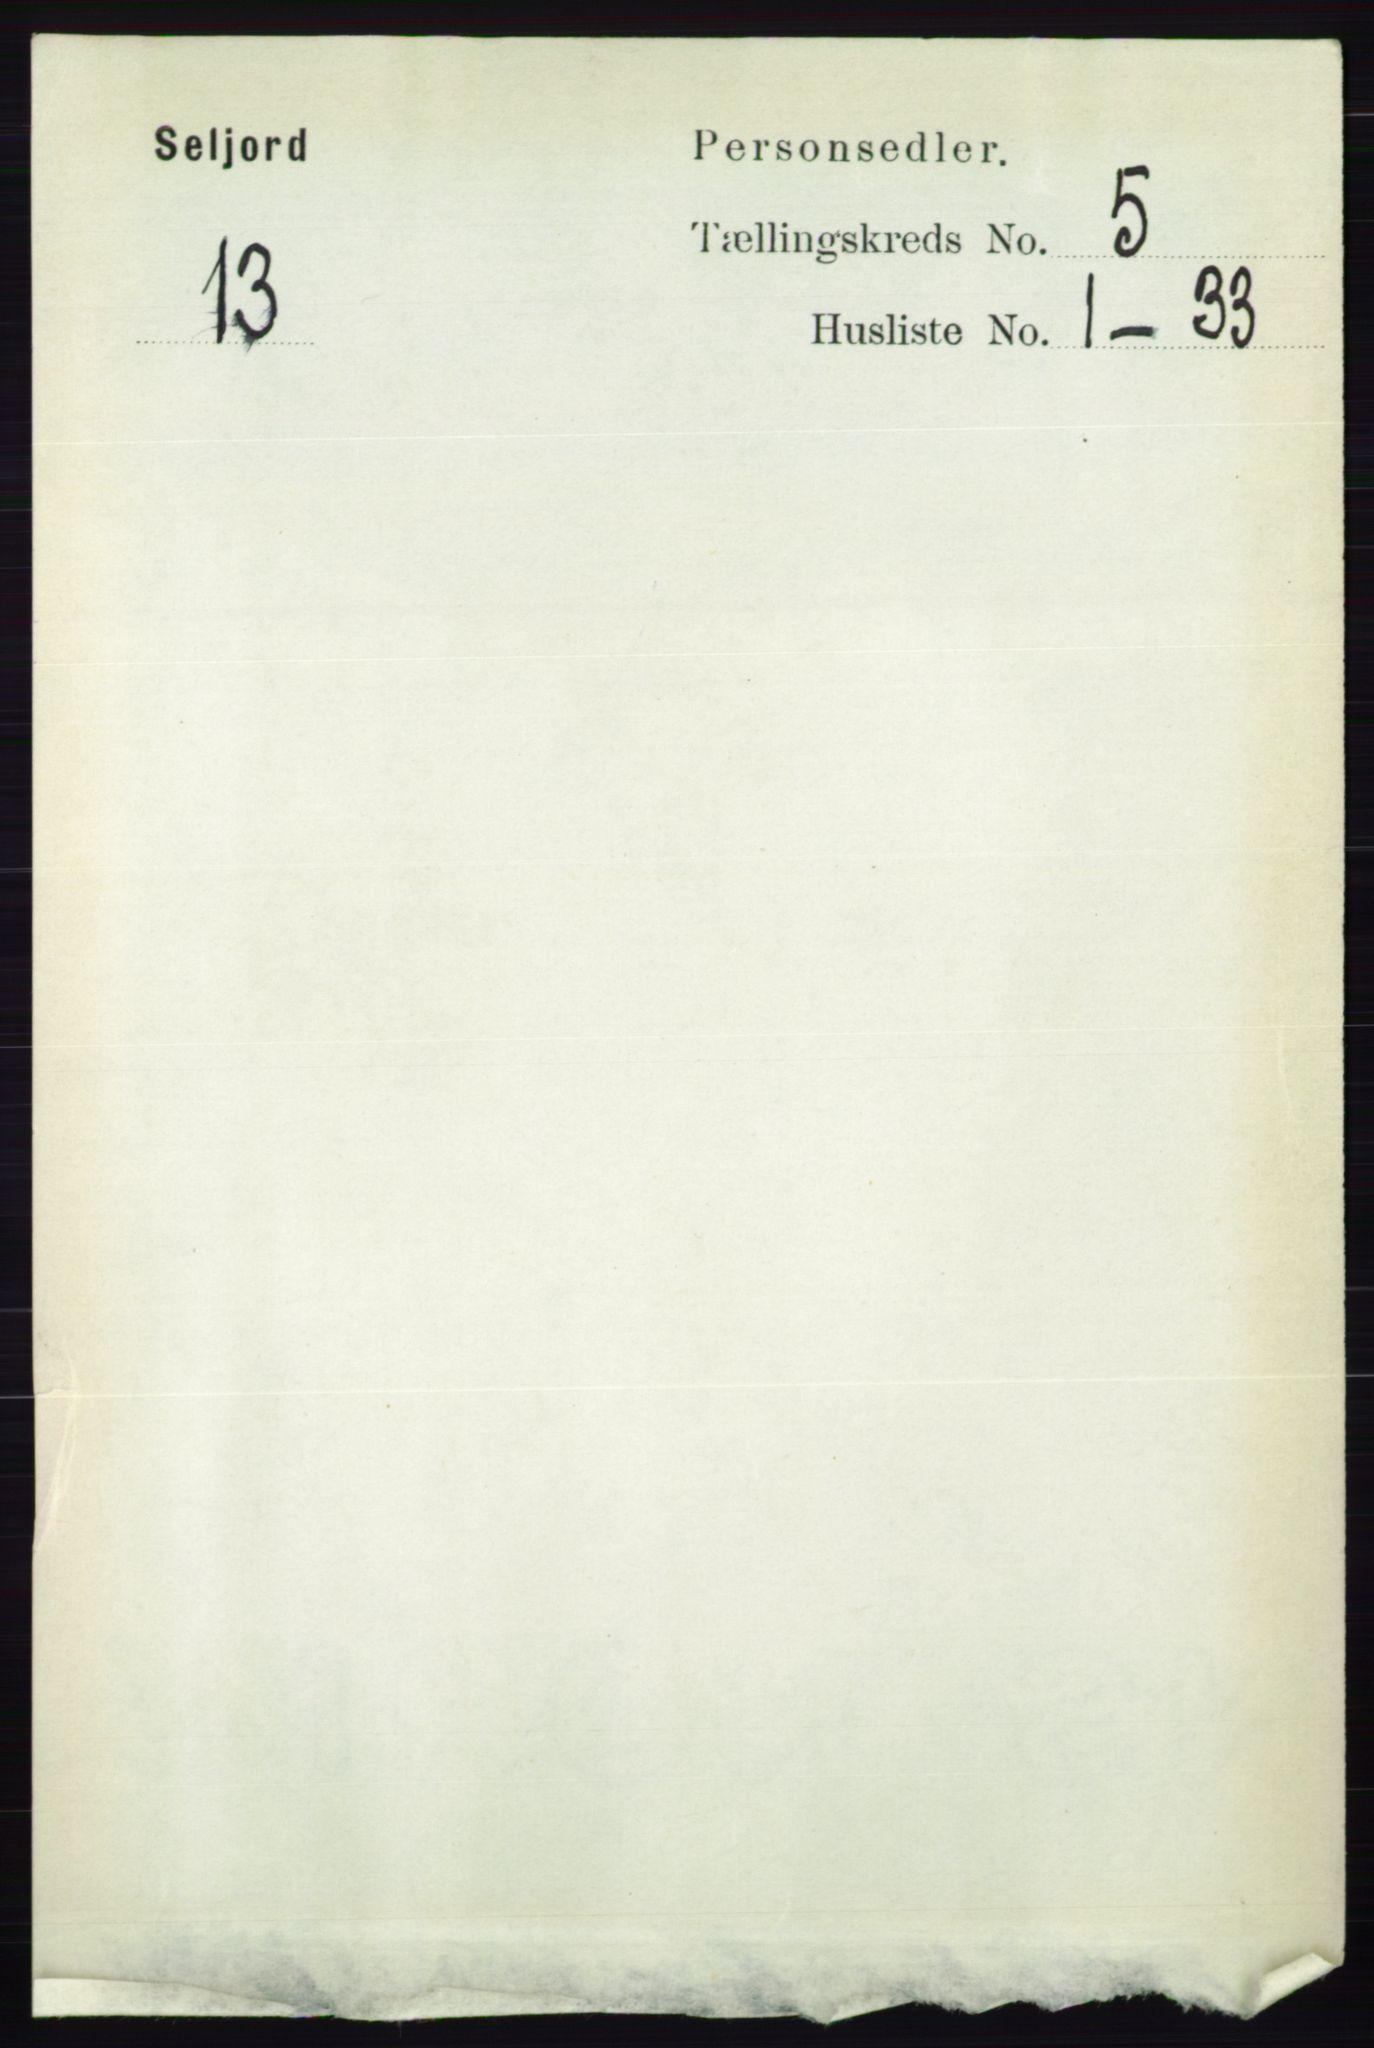 RA, Folketelling 1891 for 0828 Seljord herred, 1891, s. 1800